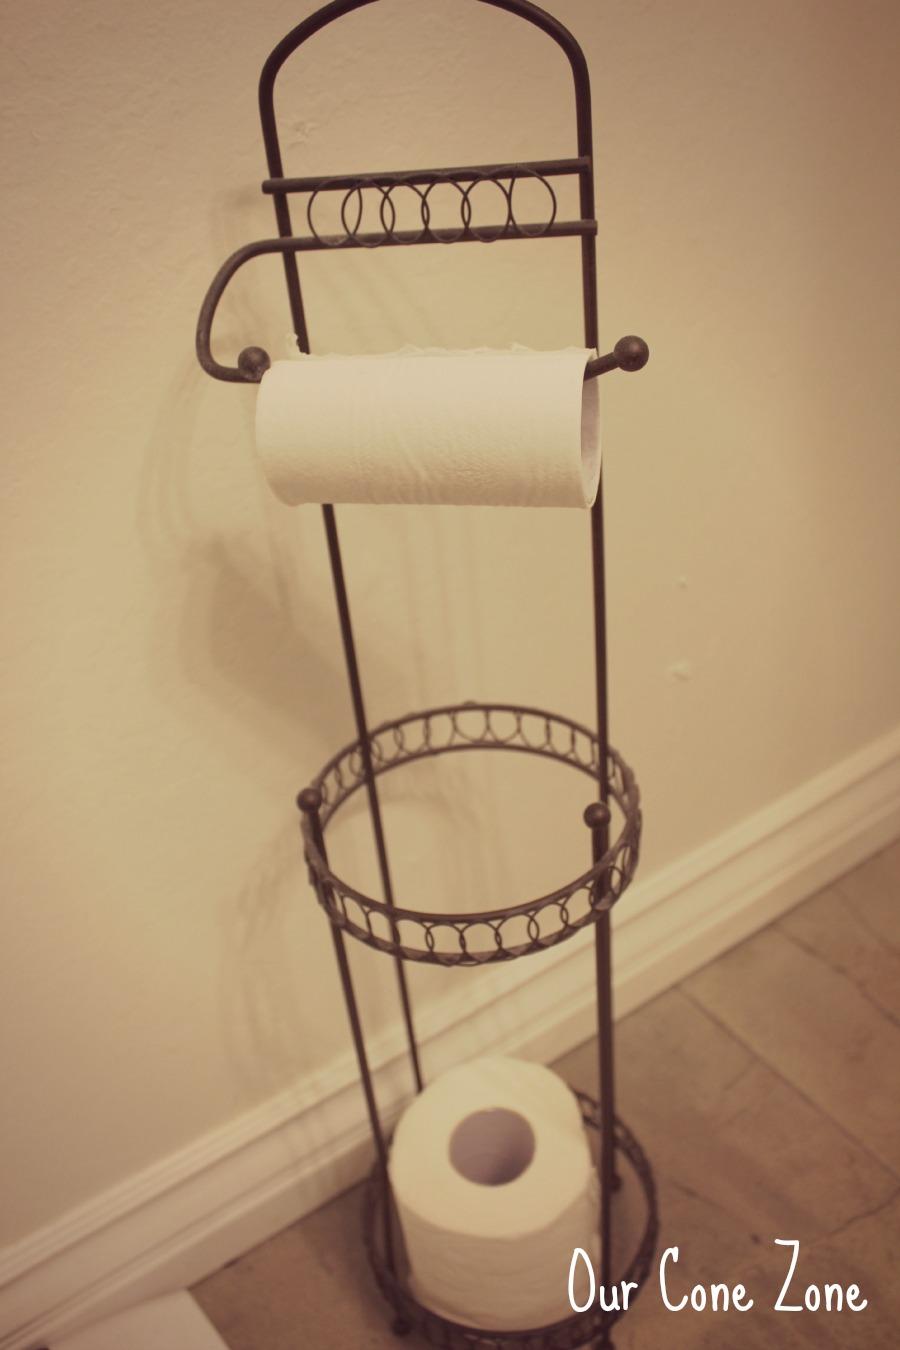 Upstairs Bathroom orb toilet paper holder